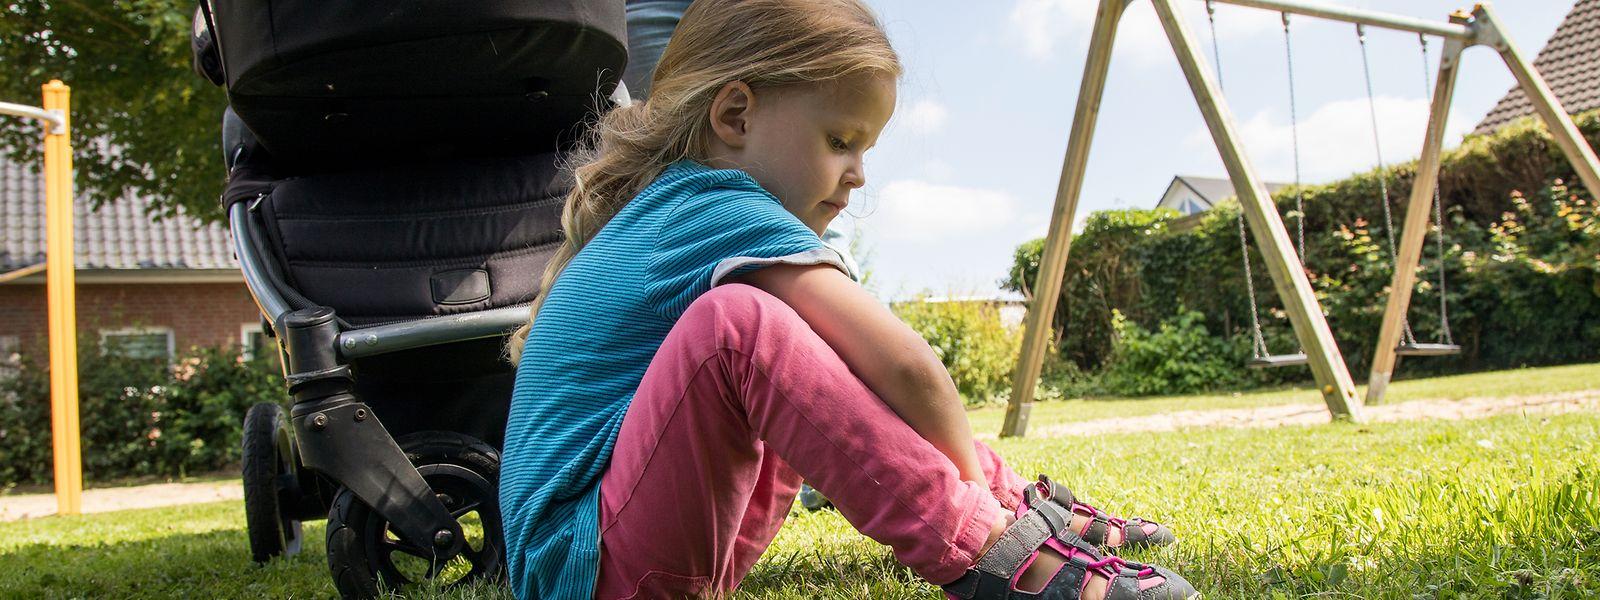 Eltern sollten geduldig sein, wenn das Anziehen der Schuhe länger dauert - und es nicht vorschnell selbst machen.